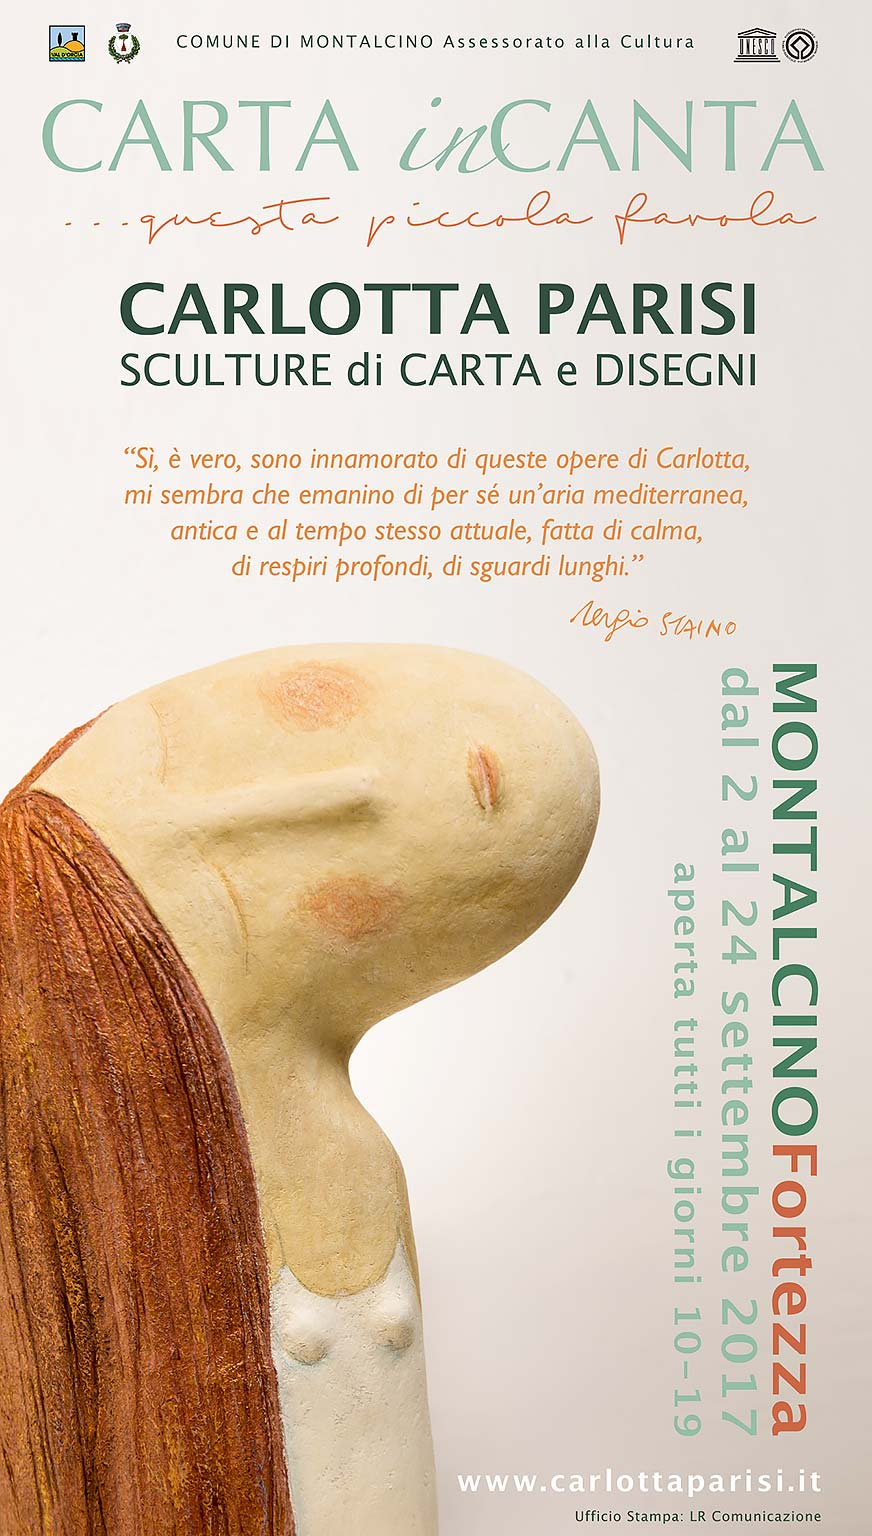 """Mostra """"CARTA inCANTA ...questa piccola favola""""! di Carlotta Parisi - Dal 2 al 24 Settembre 2017 alla Fortezza di Montalcino (SI)"""